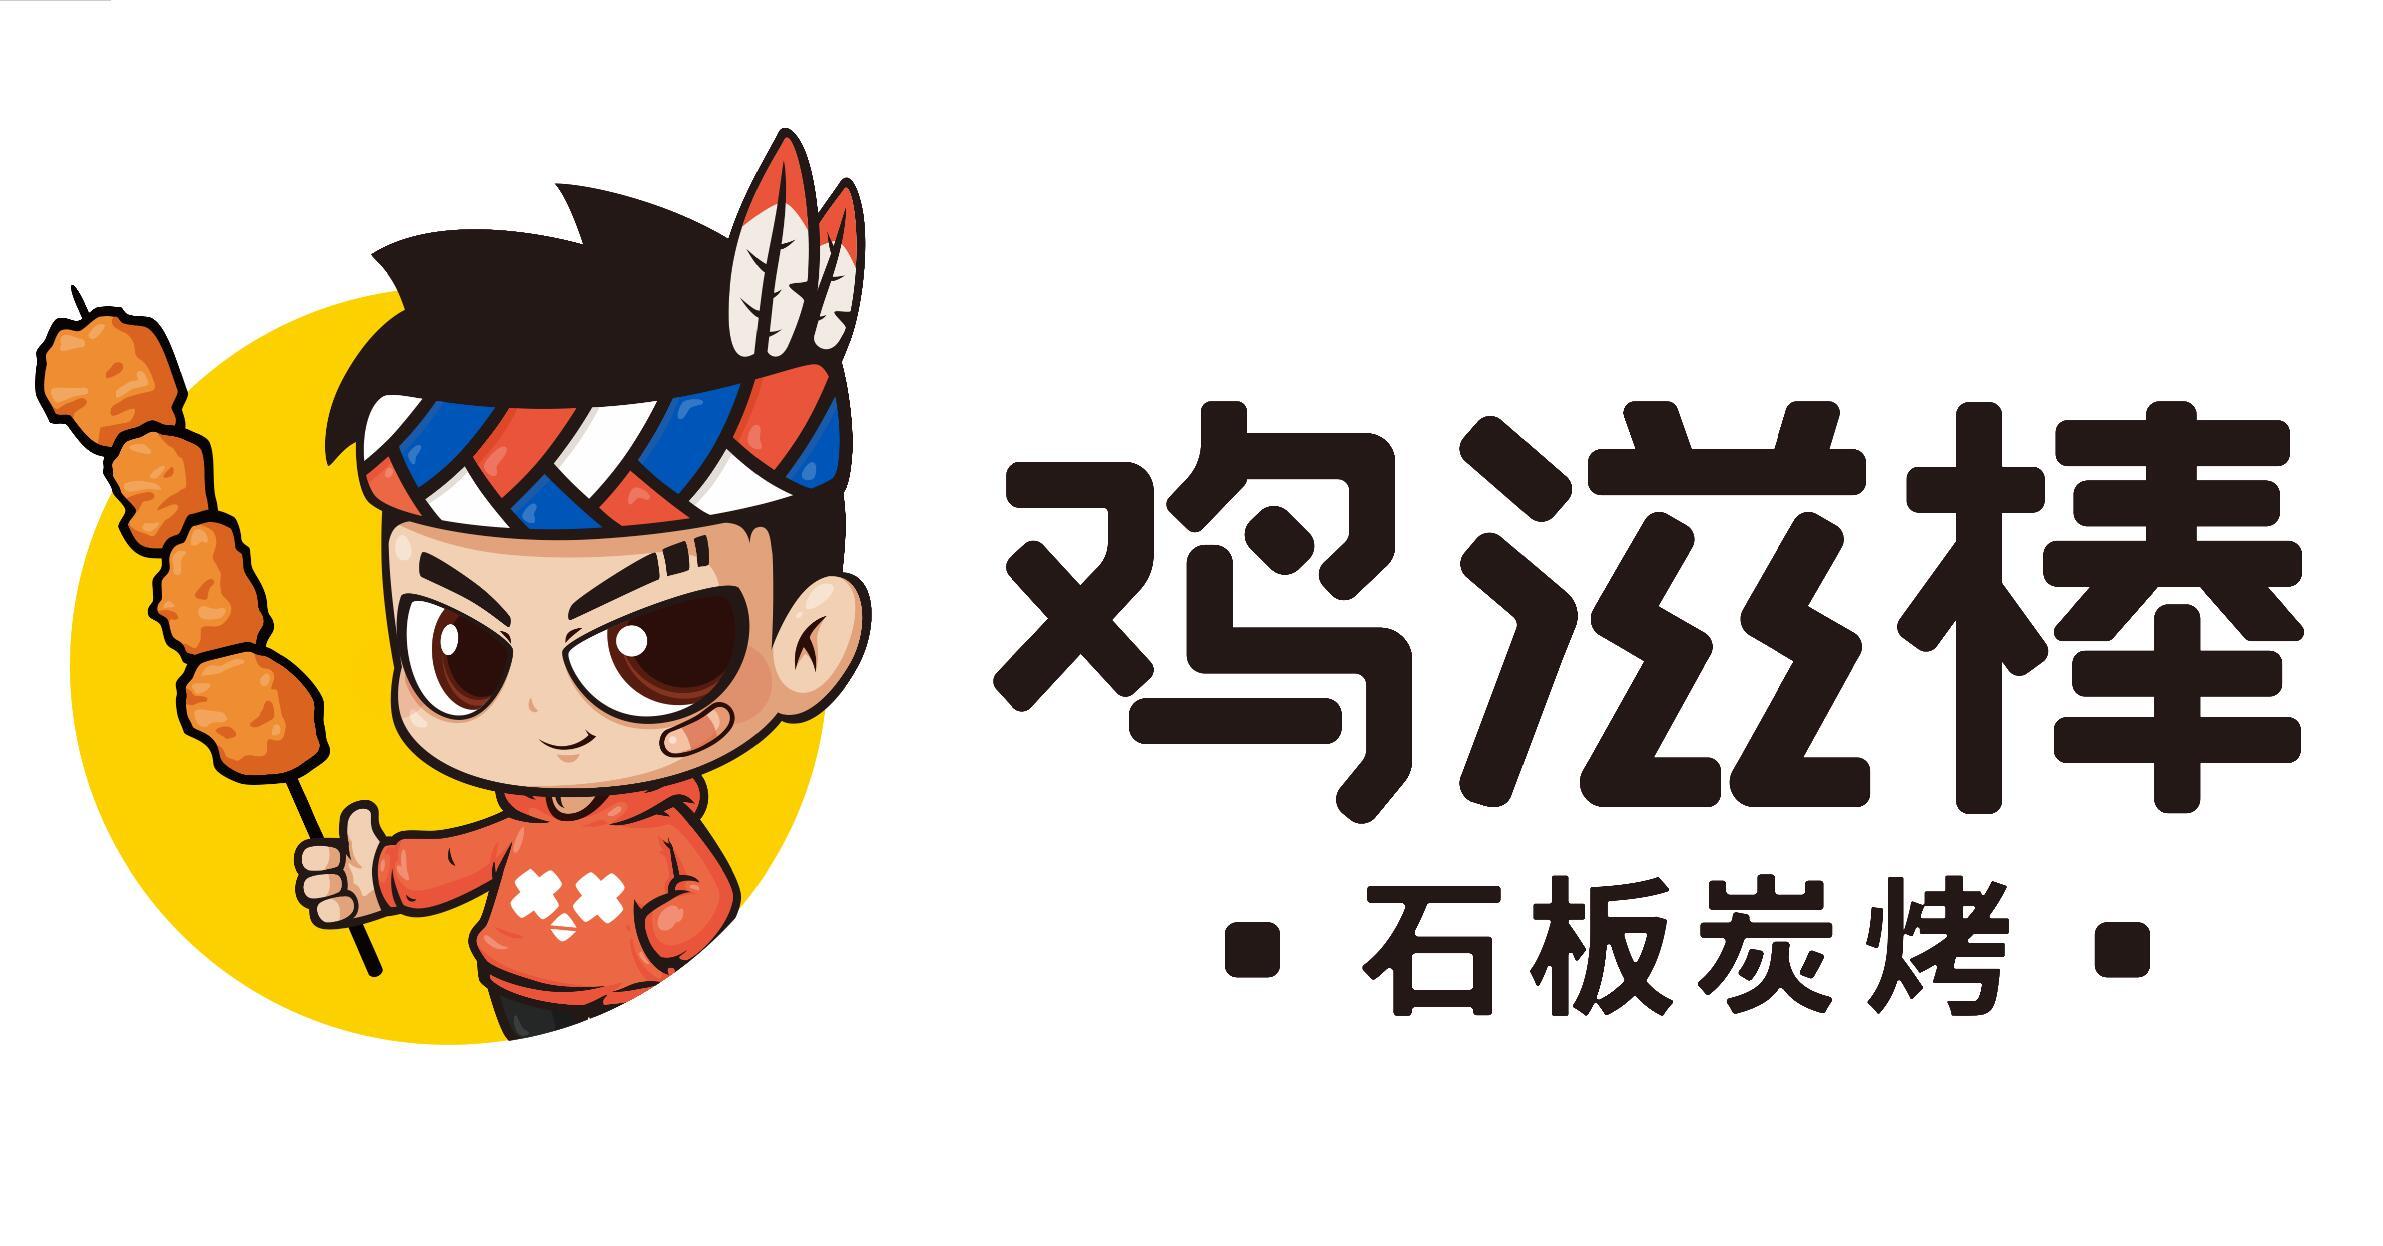 雞(ji)滋棒石板炭kao)炯jia)盟